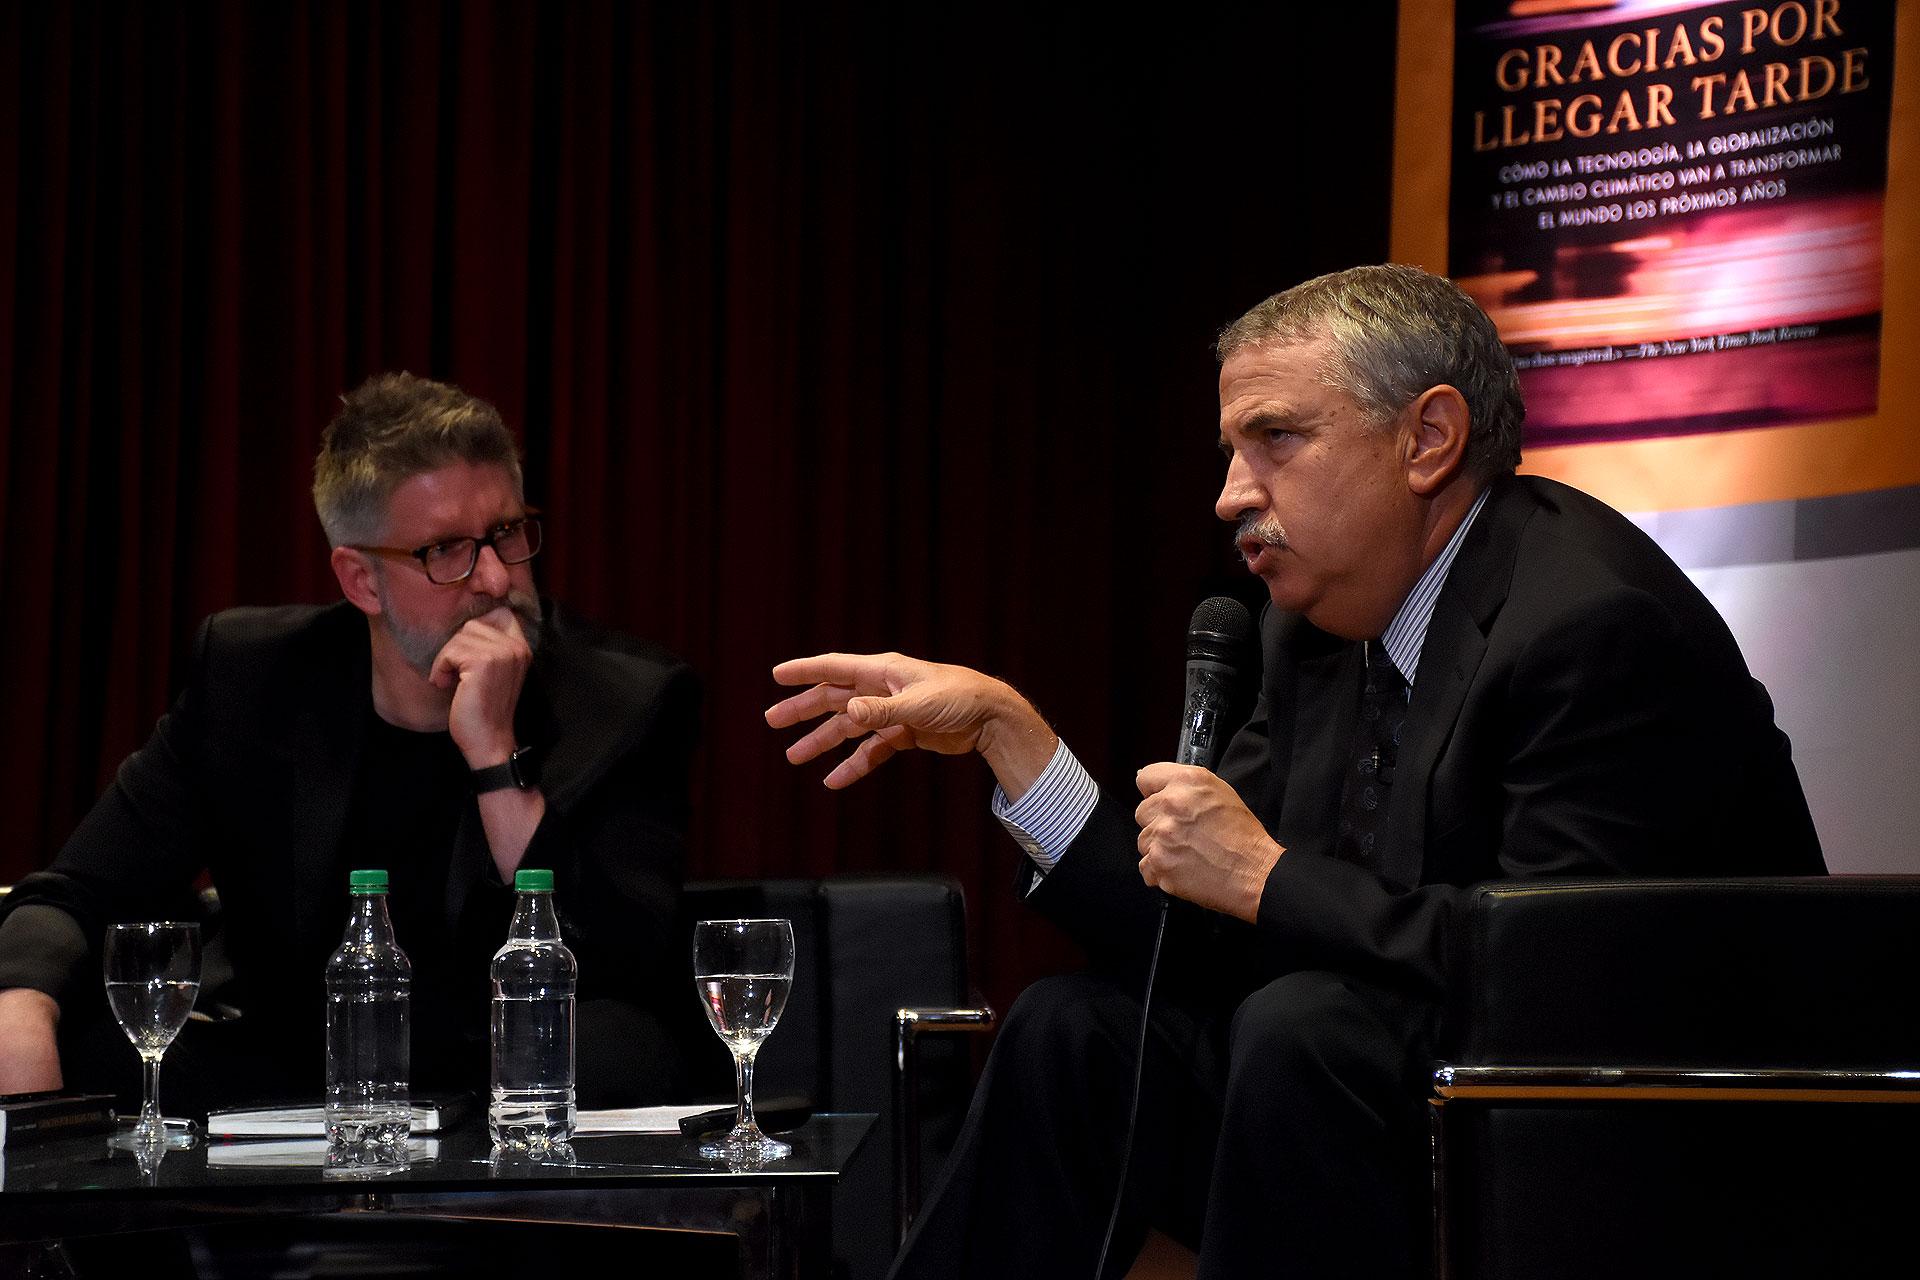 El periodista Luis Novaresio y el escritor estadounidense (Fotos Nicolás Stulberg)